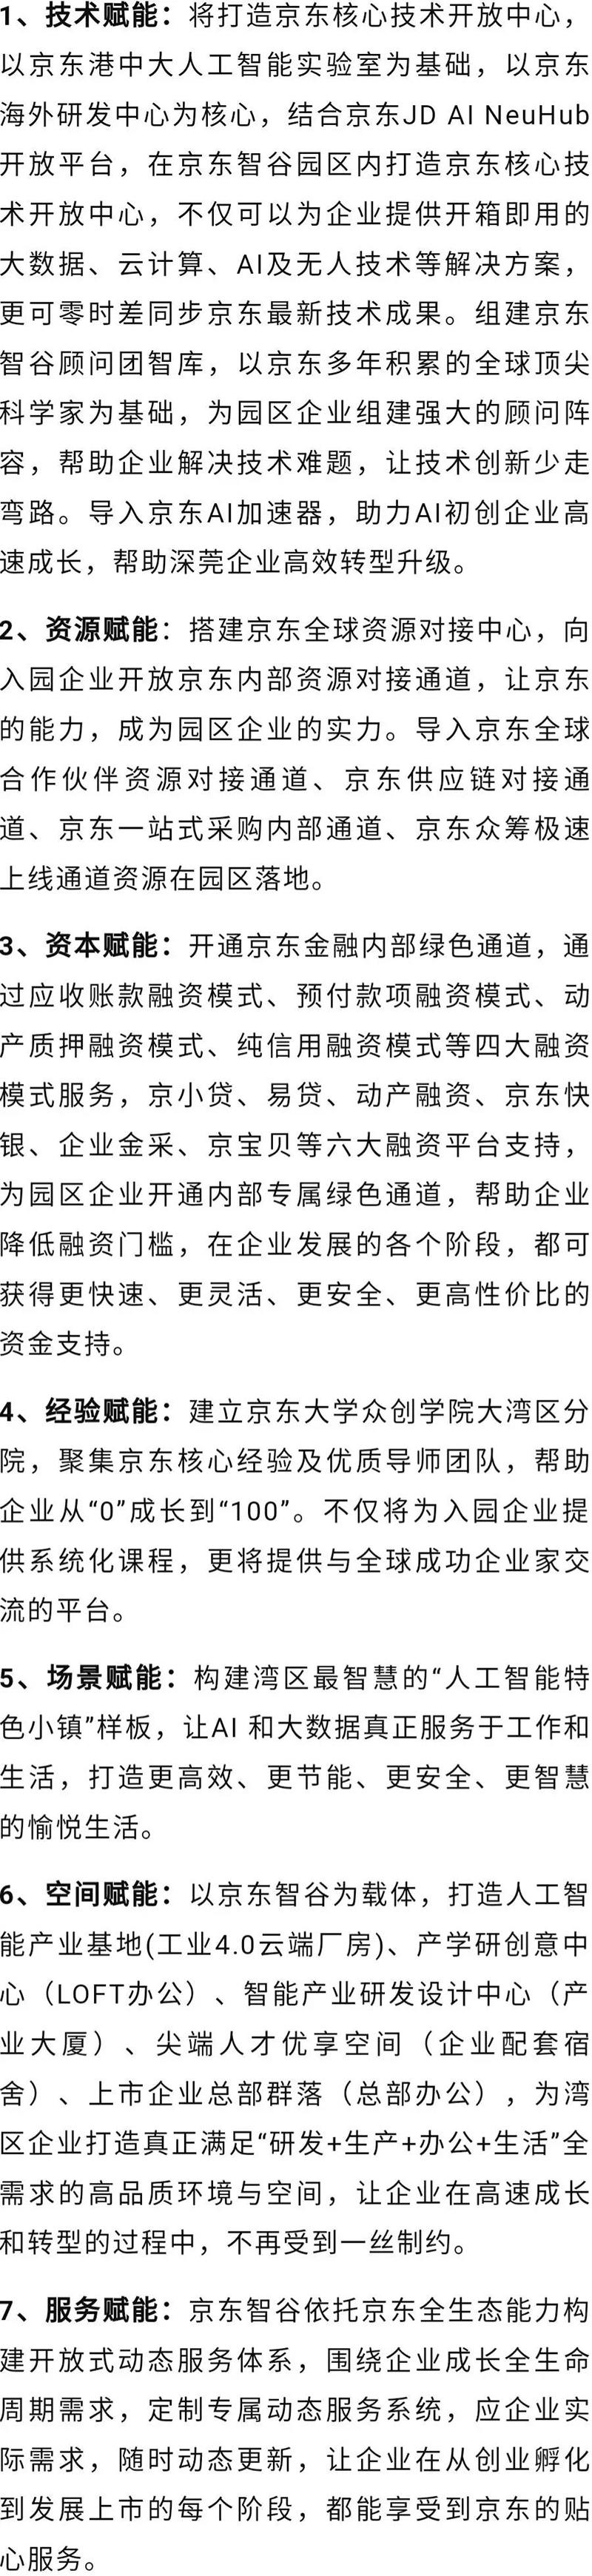 京东智谷七大赋能简介.jpg